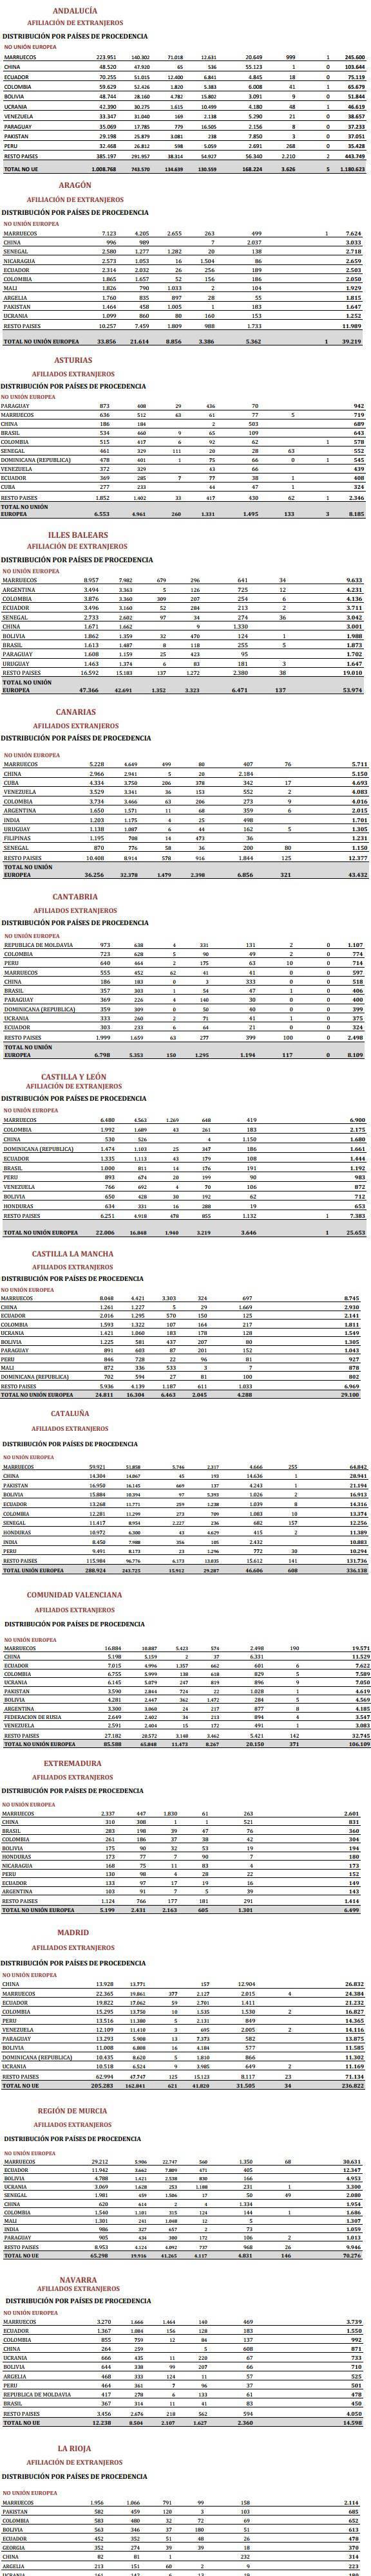 Listado de personas latinoamericanas en la Seguridad Social reflejados por comunidad autónoma.